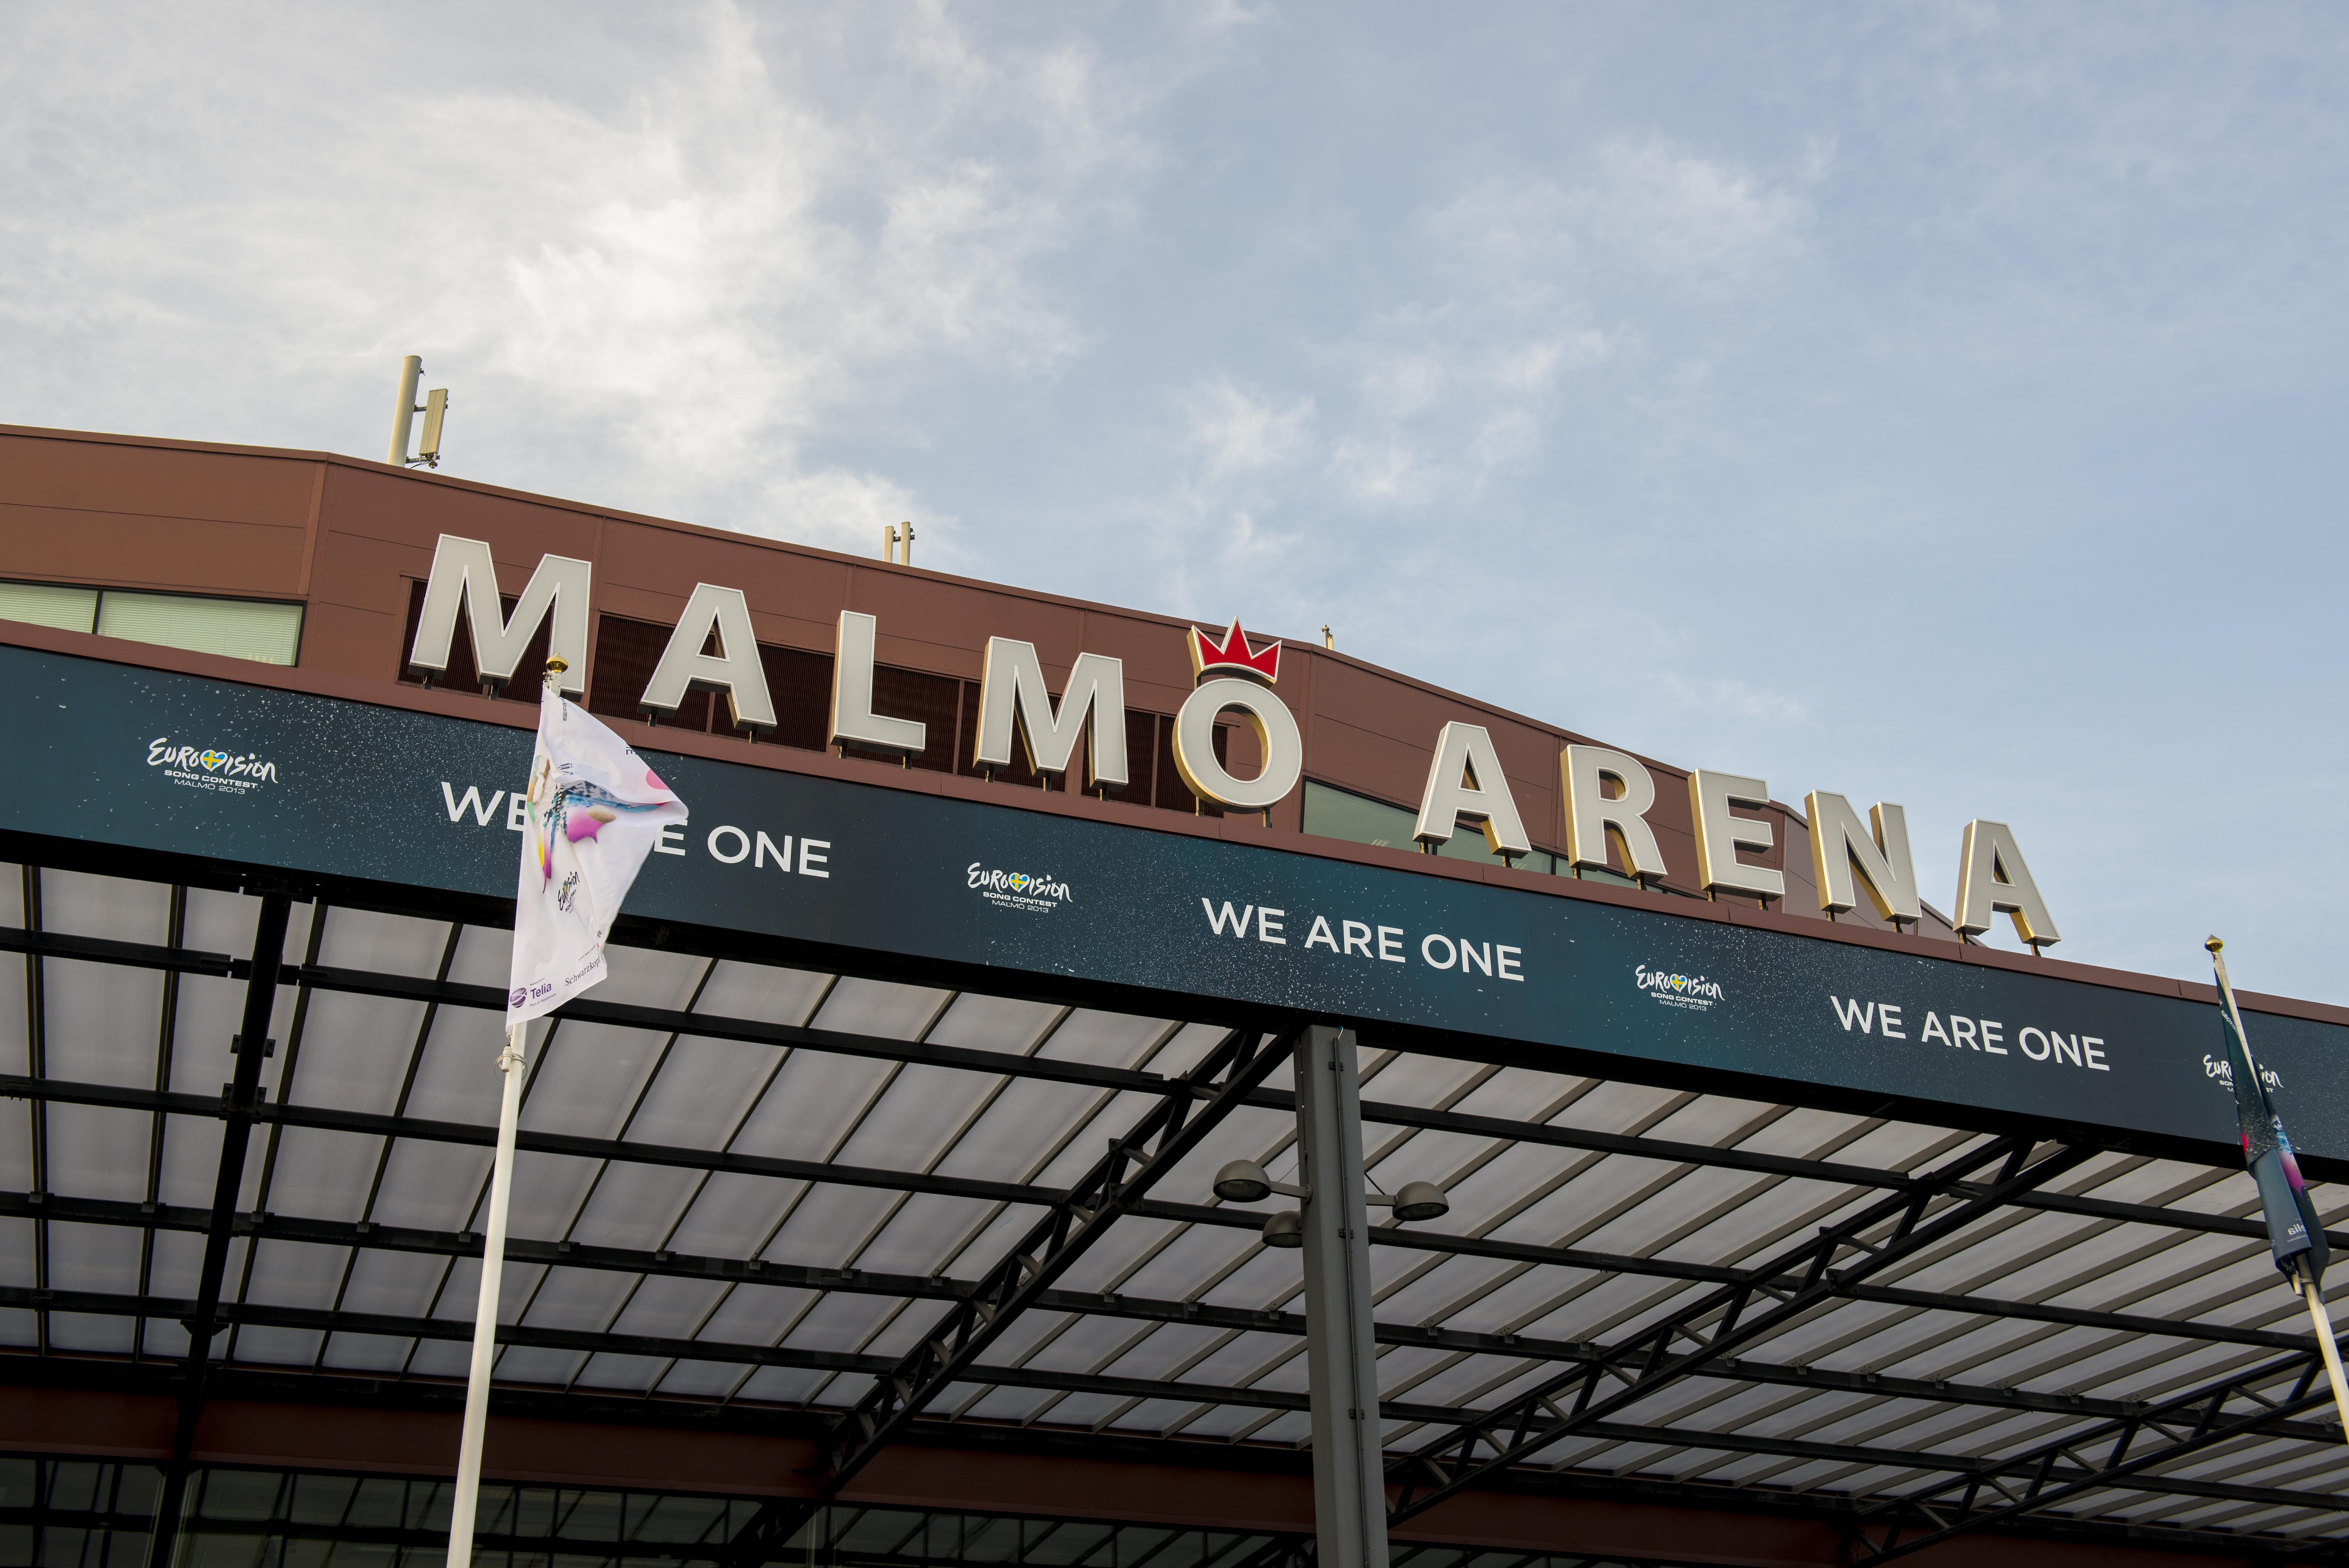 dating malmö arena